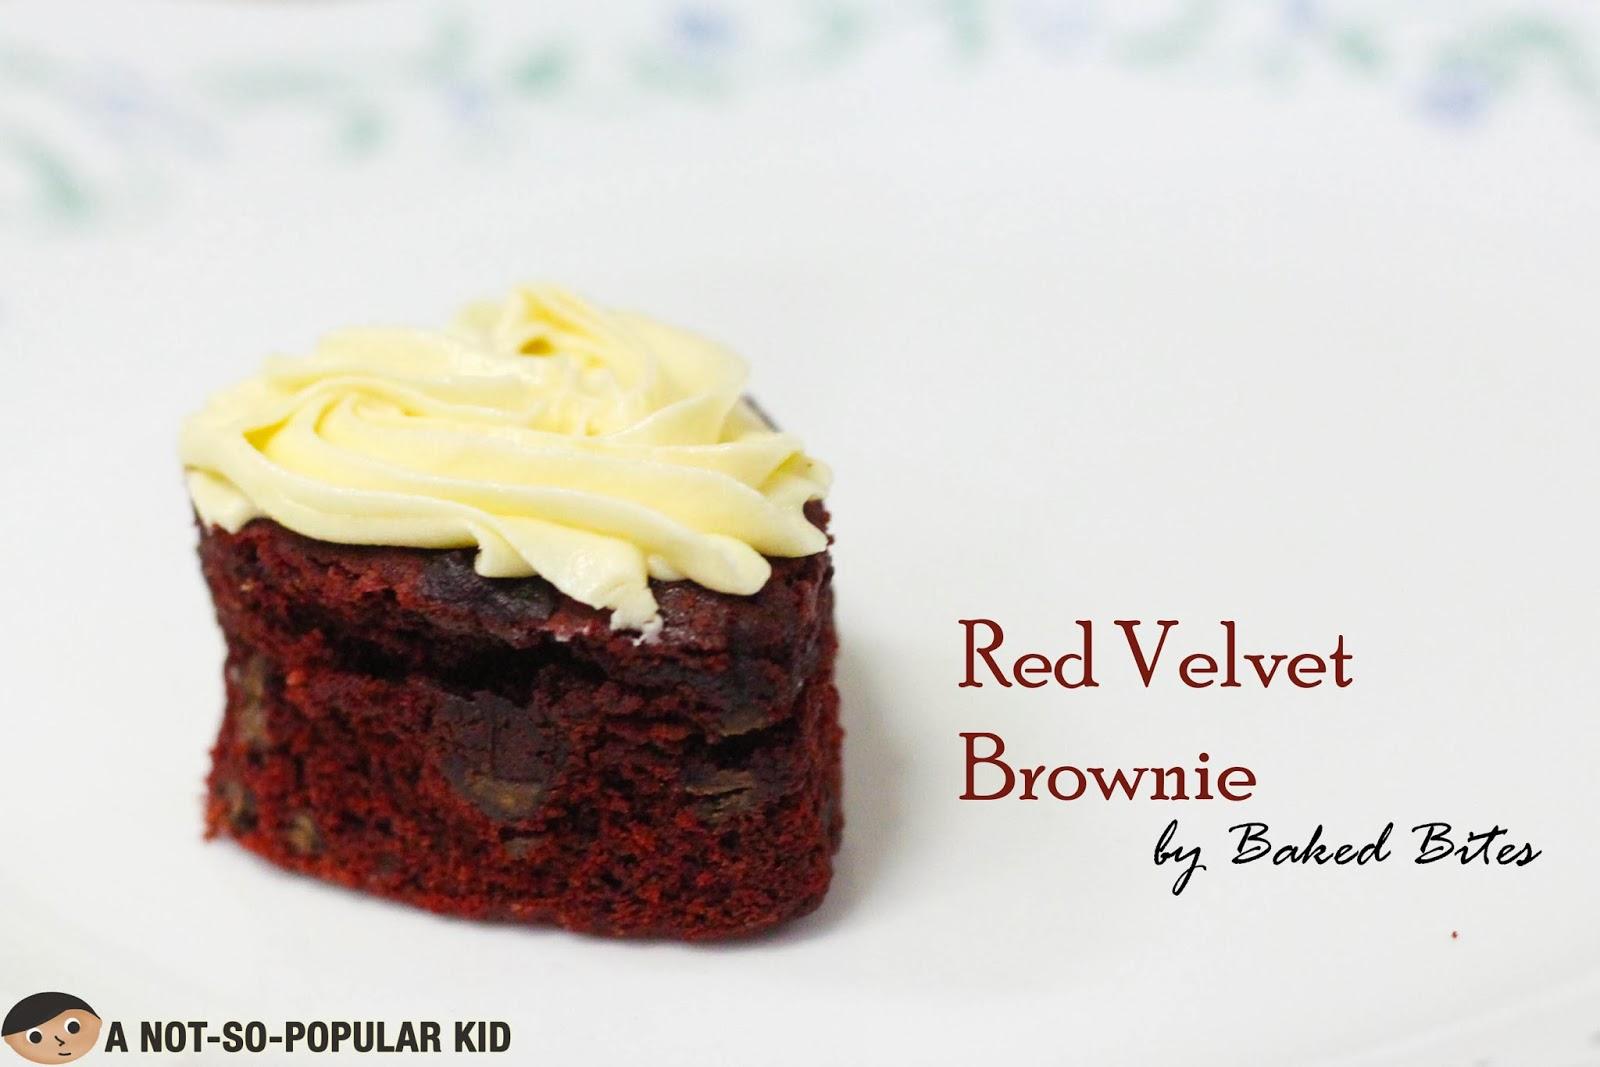 Red Velvet Brownie by Bettinna Carlos' Baked Bites